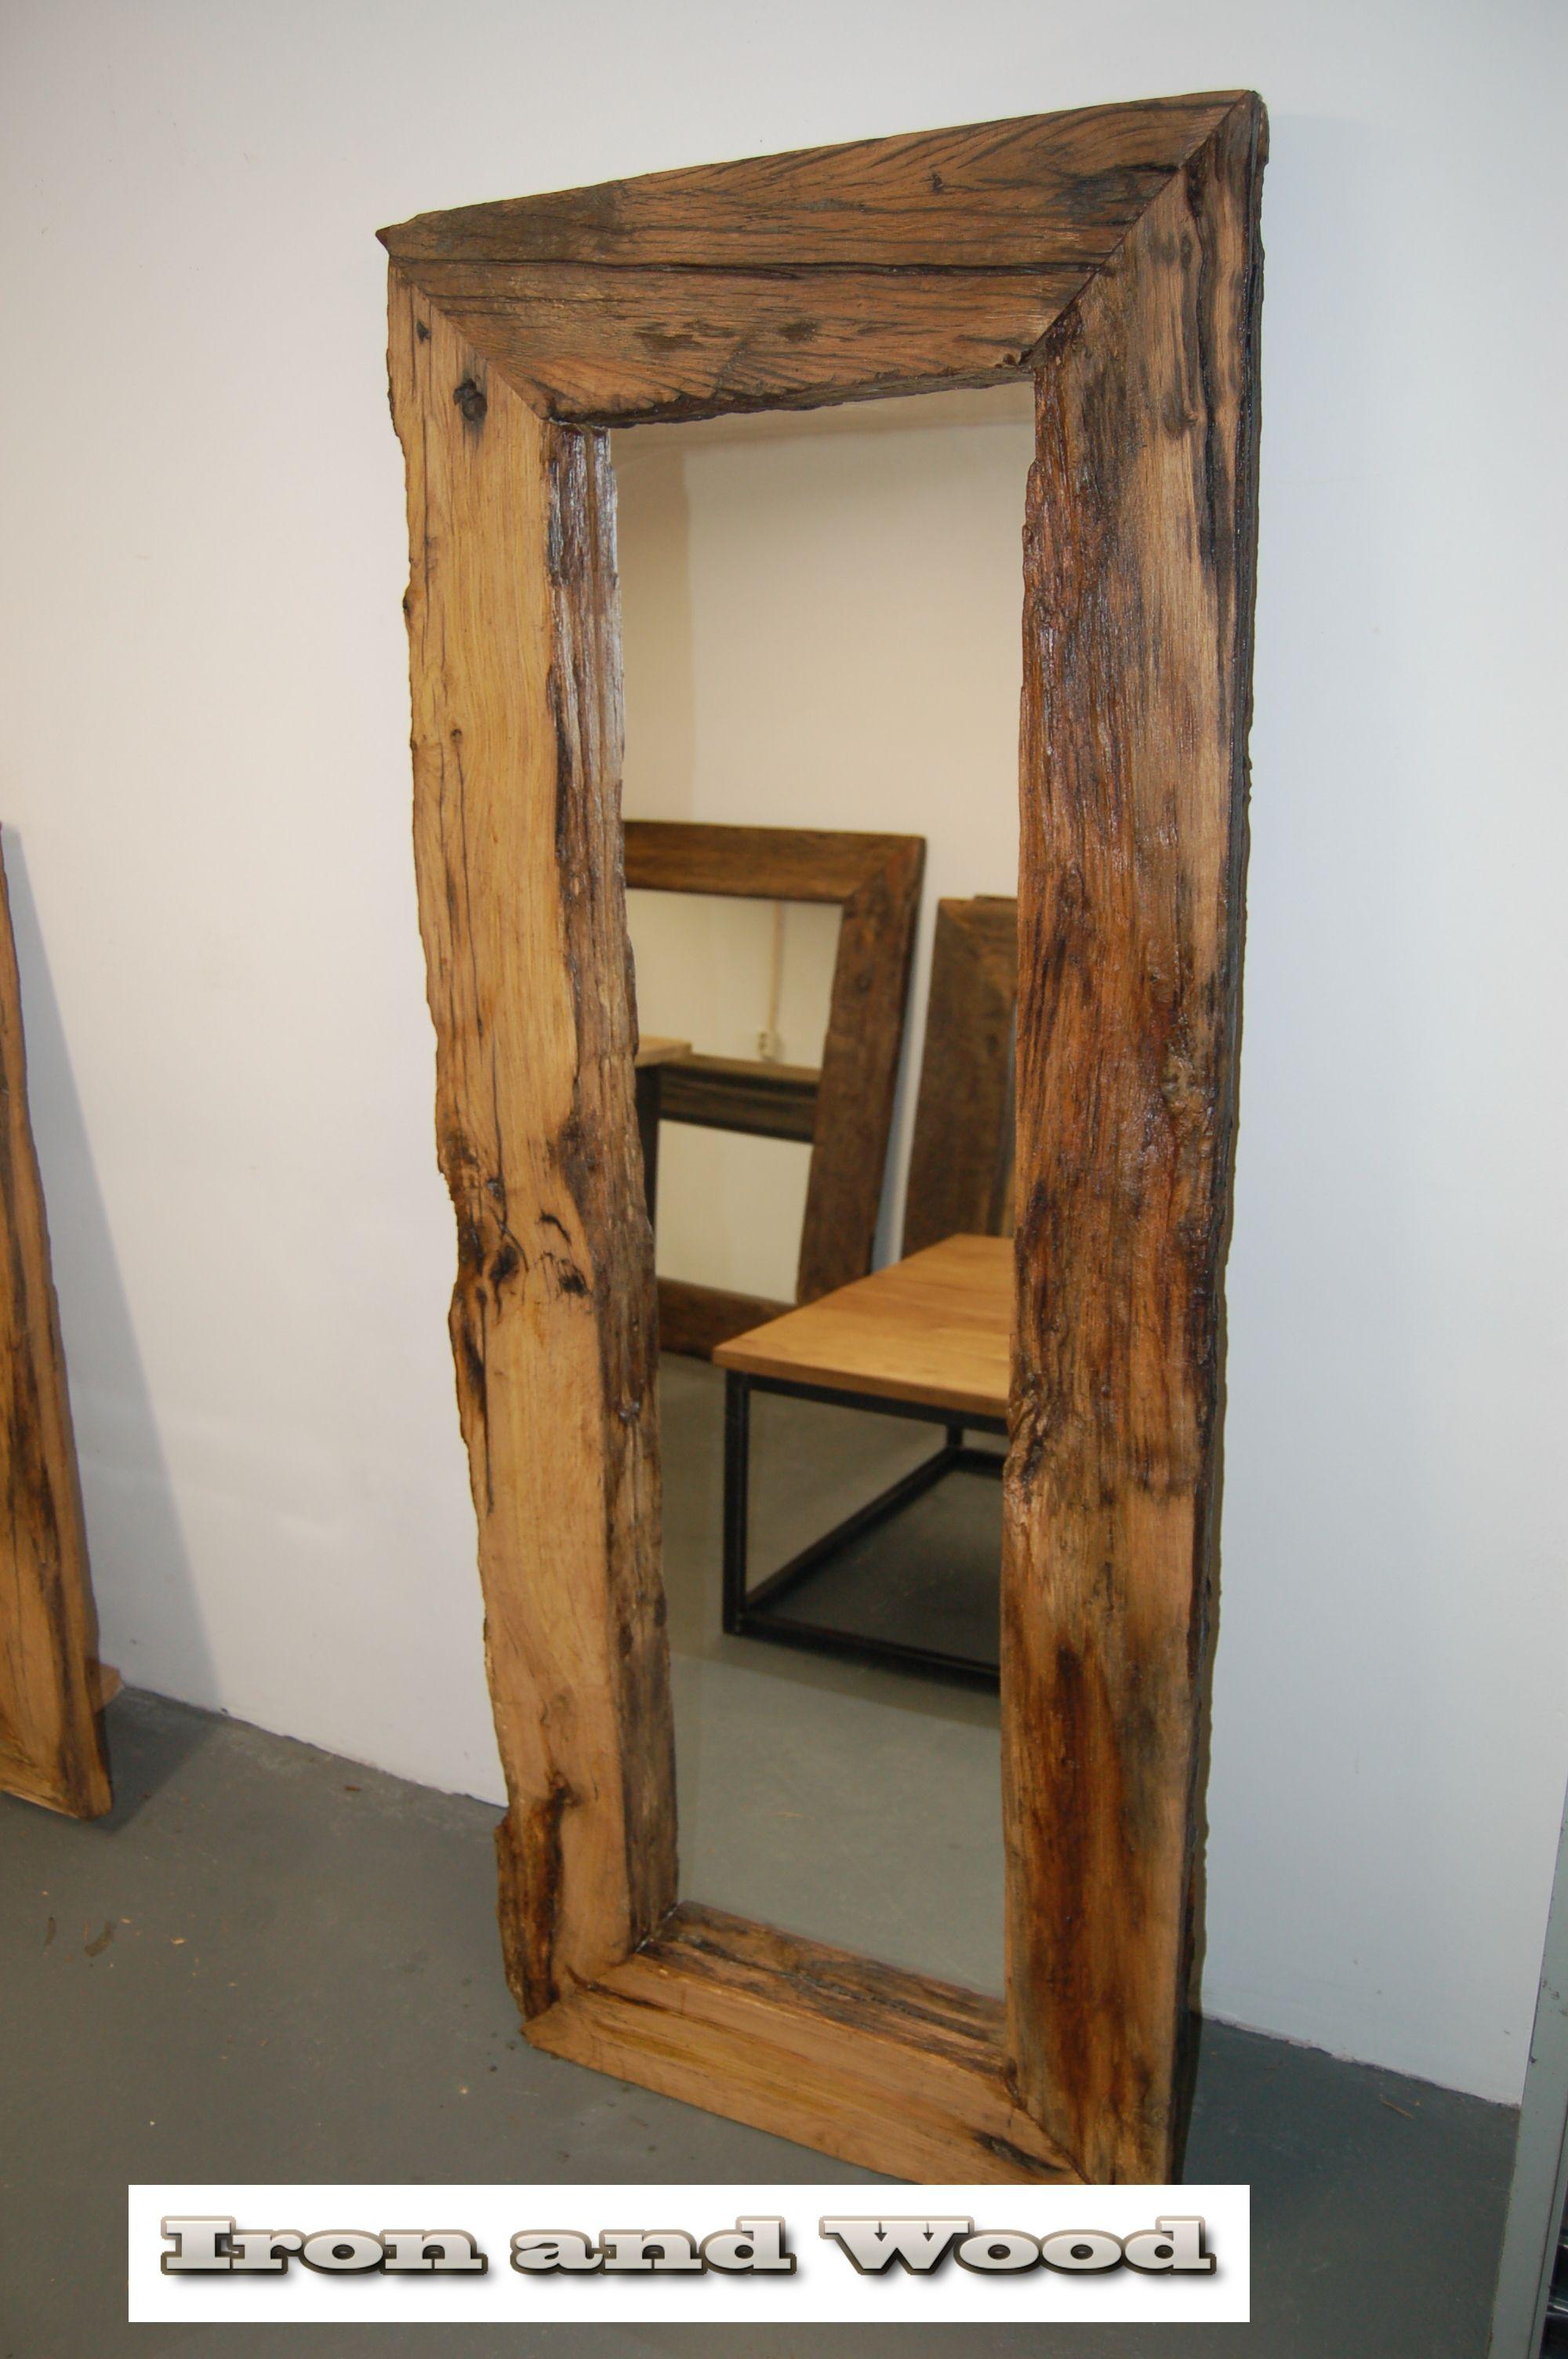 Welp Grote robuuste spiegel van oud sloophout / oude eiken wagondelen JV-78